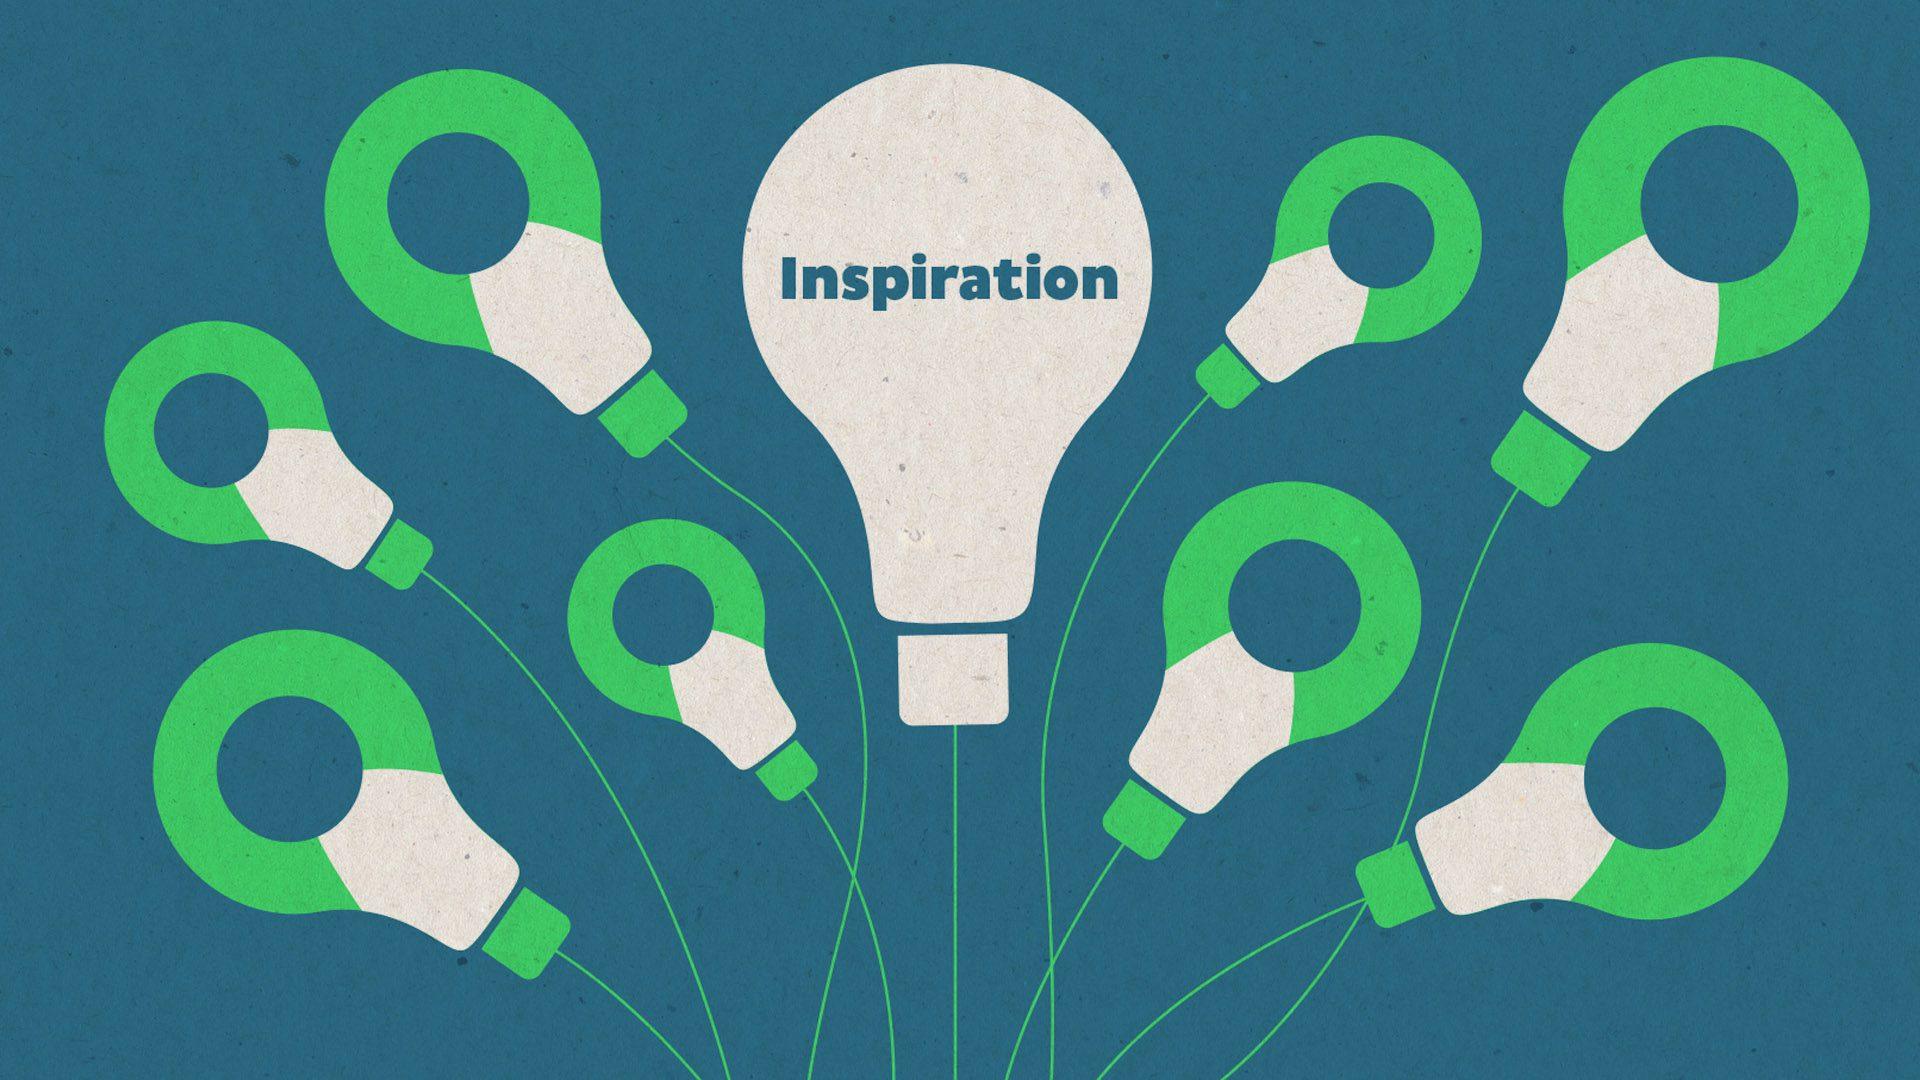 Online Energizer Inspiration